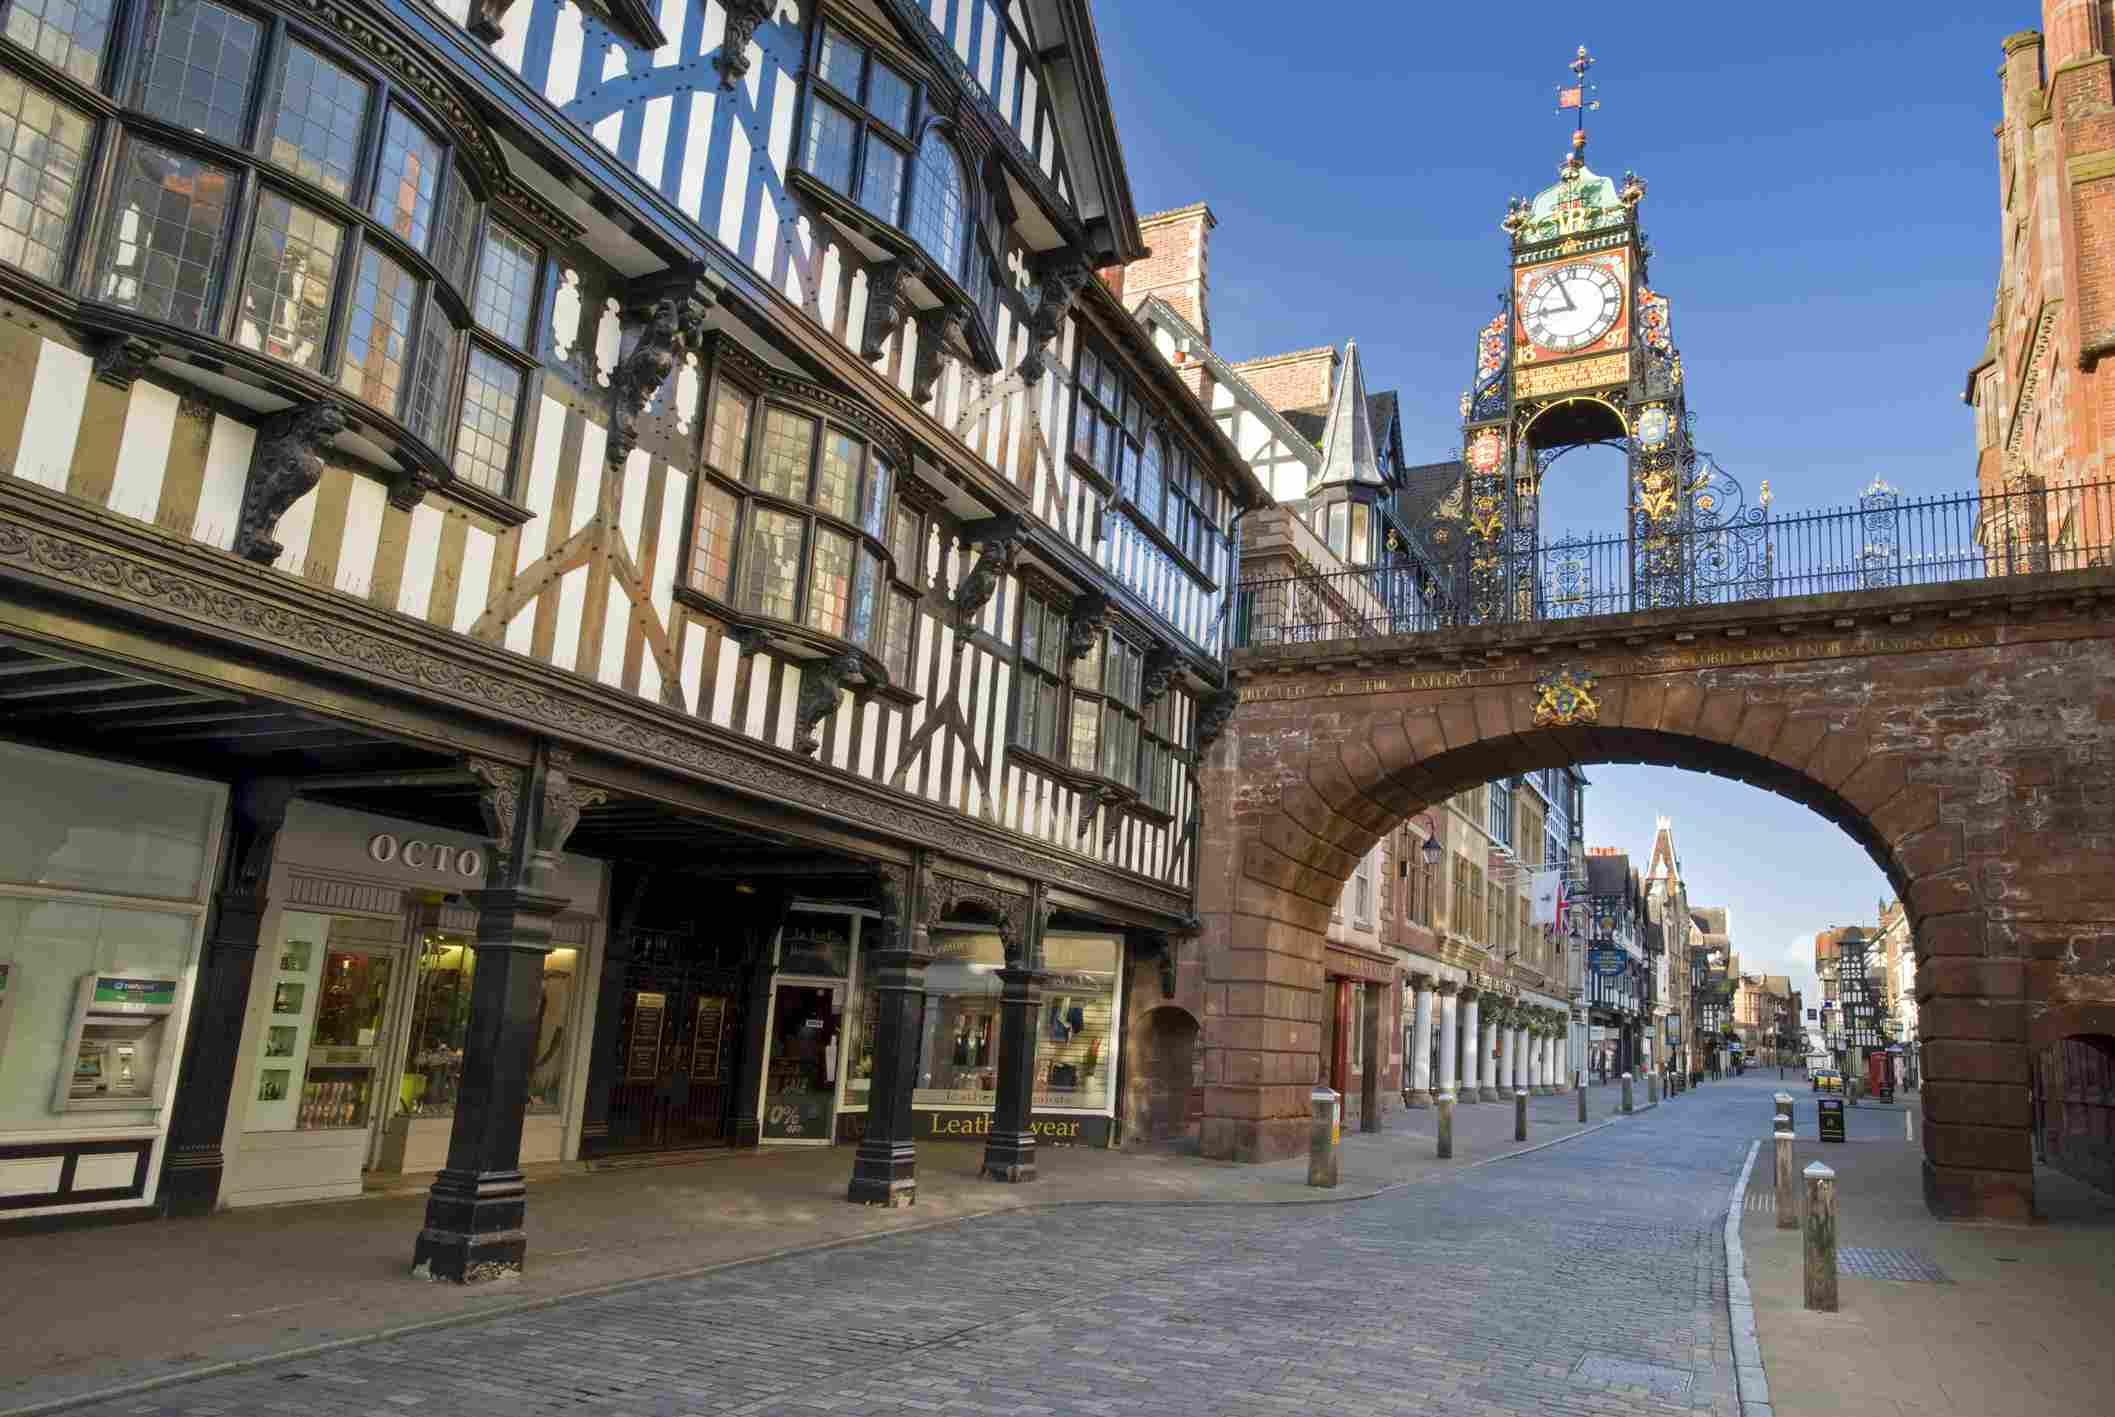 Entrada de la pared de Eastgate y el reloj de Eastgate en las paredes de la ciudad en Chester